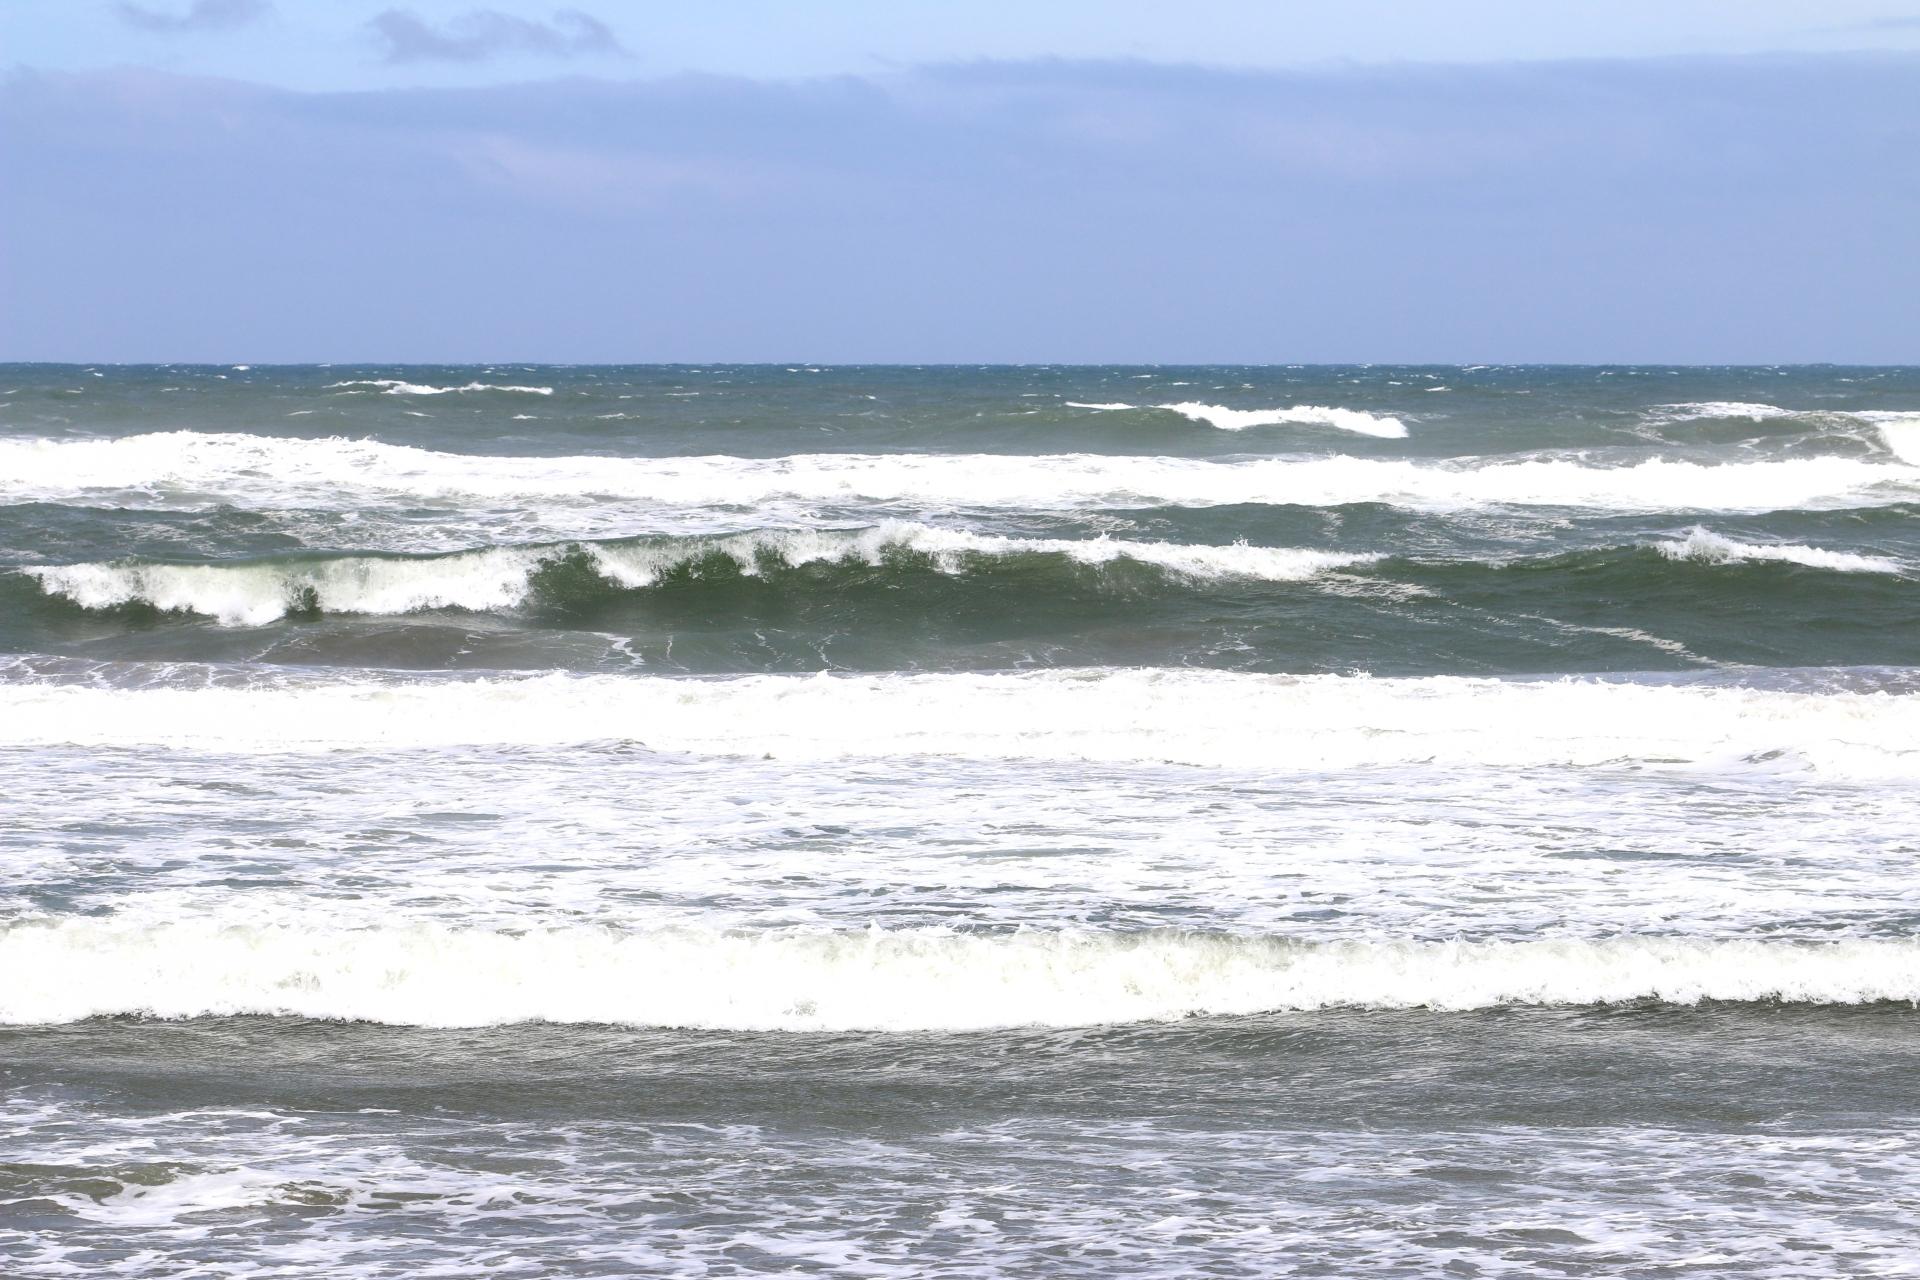 大竹海岸はサーフィンにちょうどいい大きめの波が来る